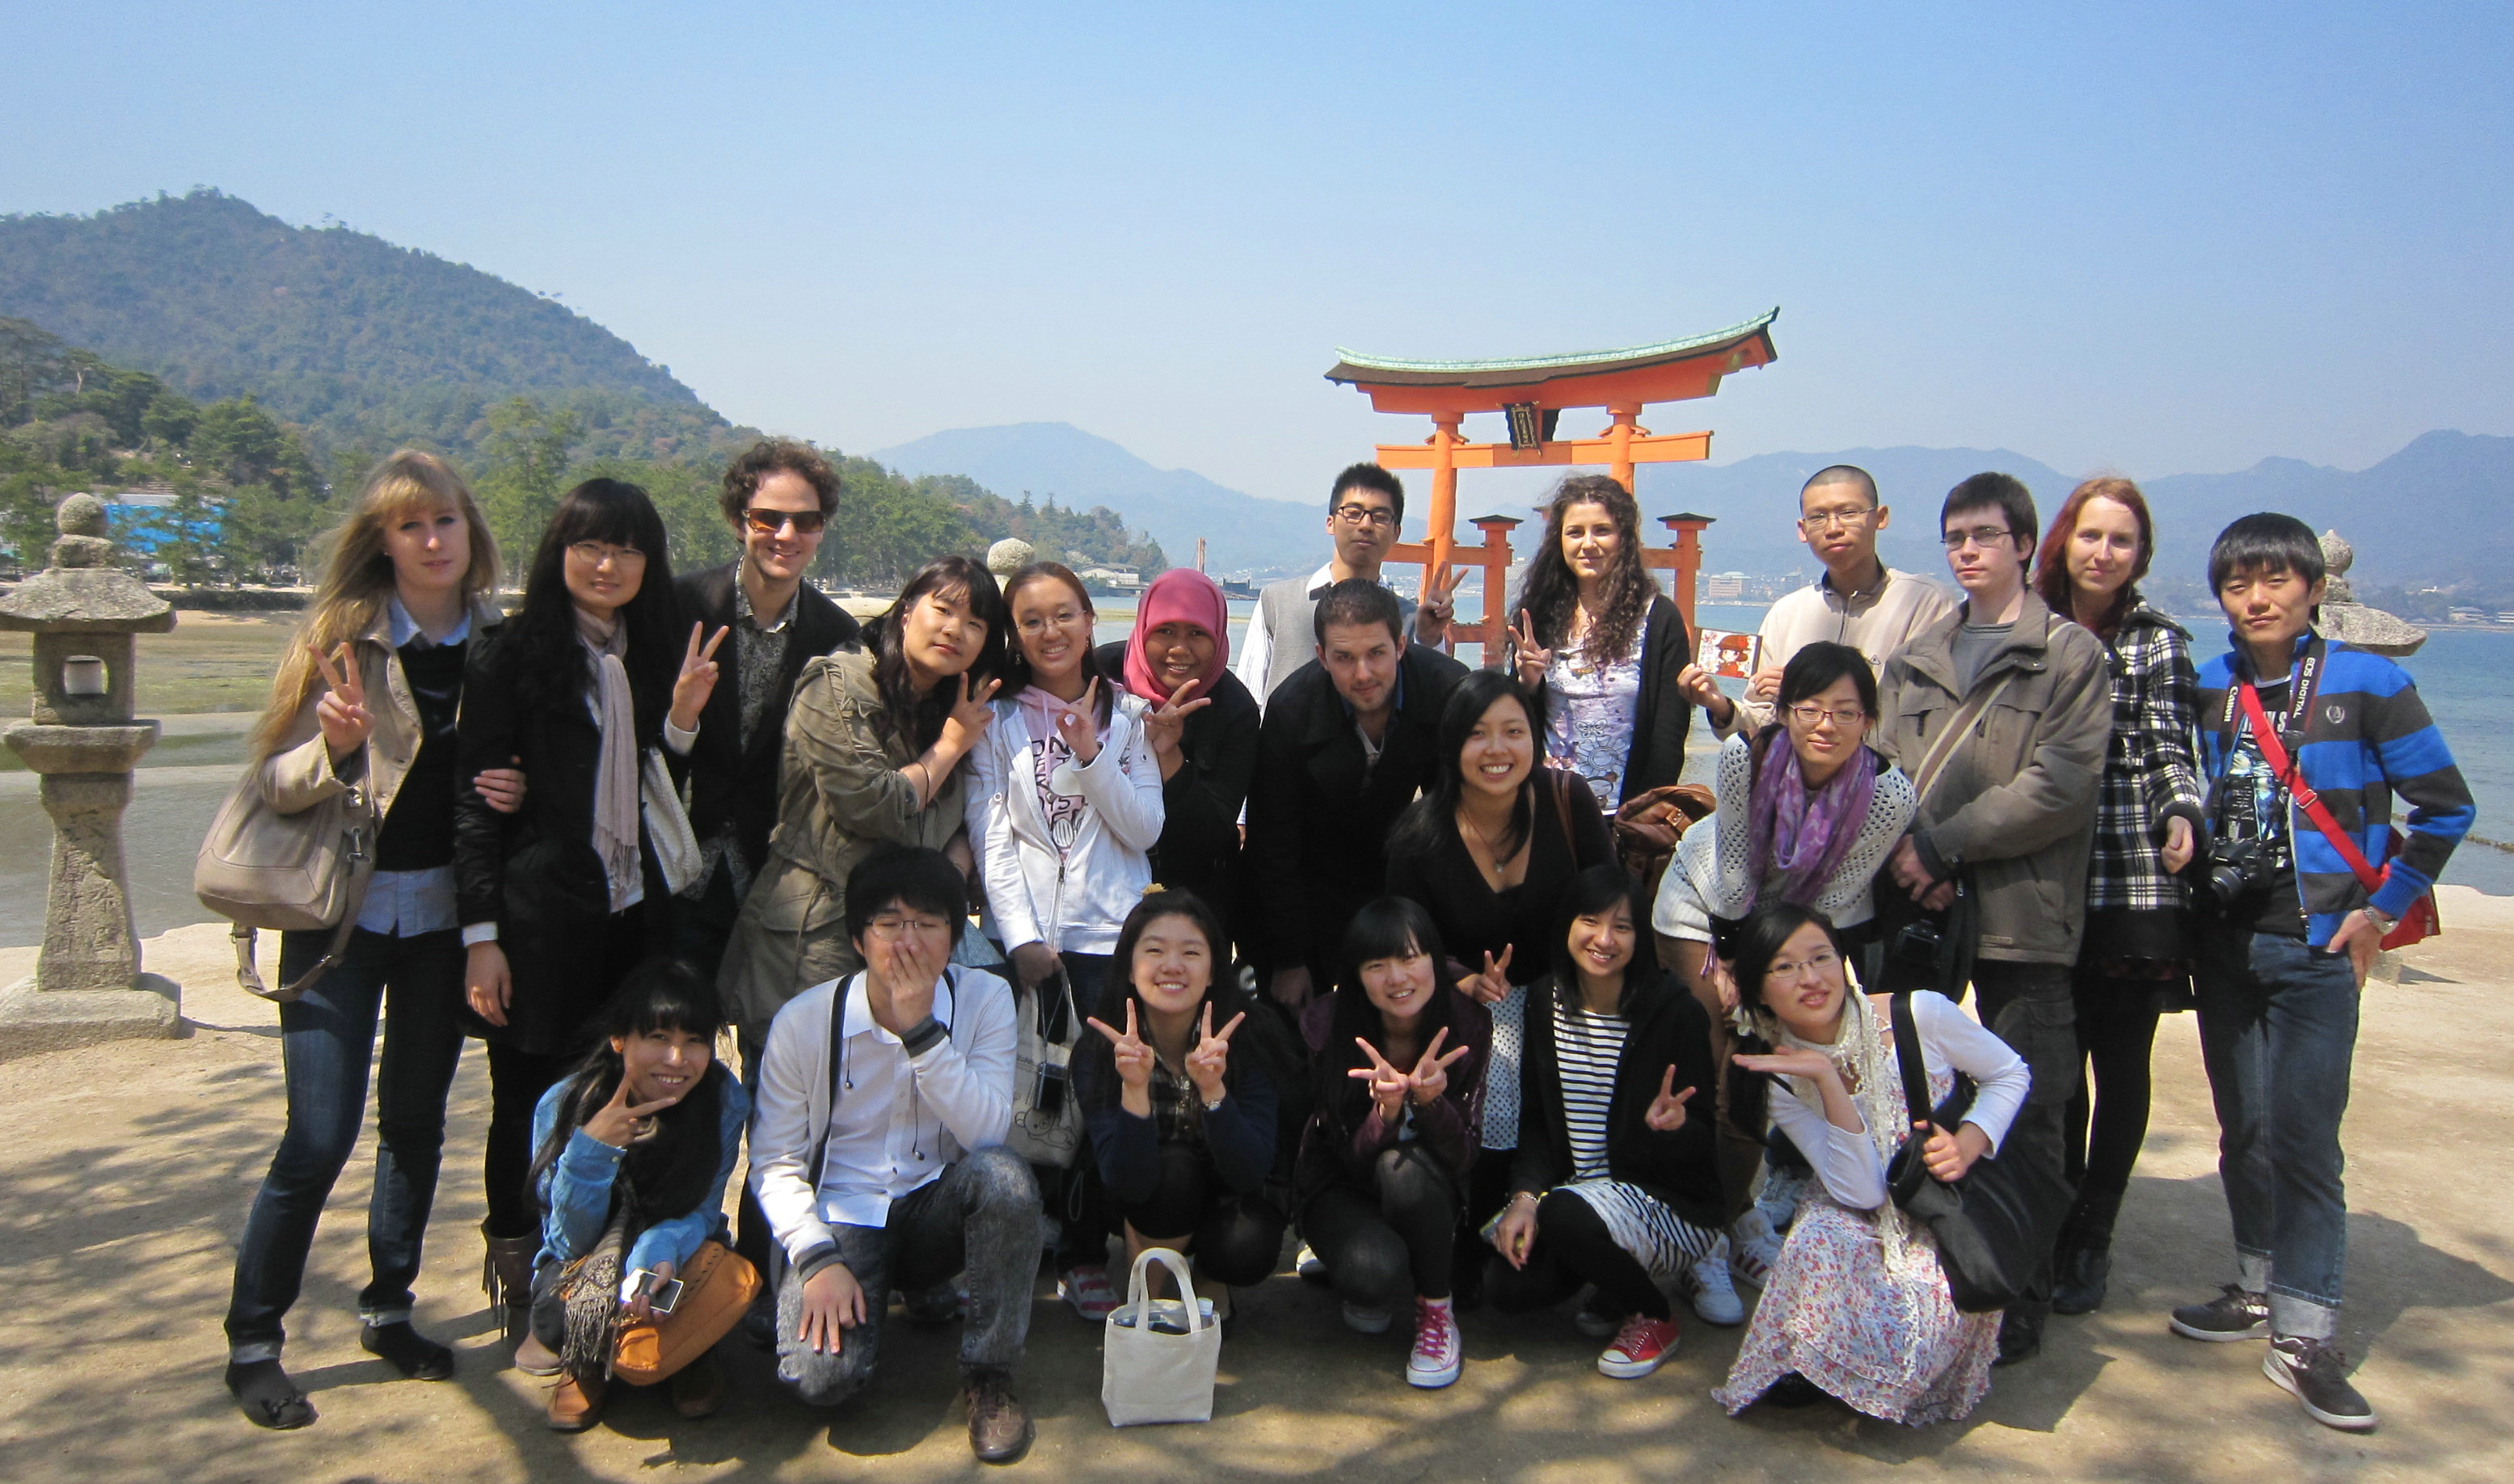 Thành công từ sự cố gắng : Du học Nhật Bản